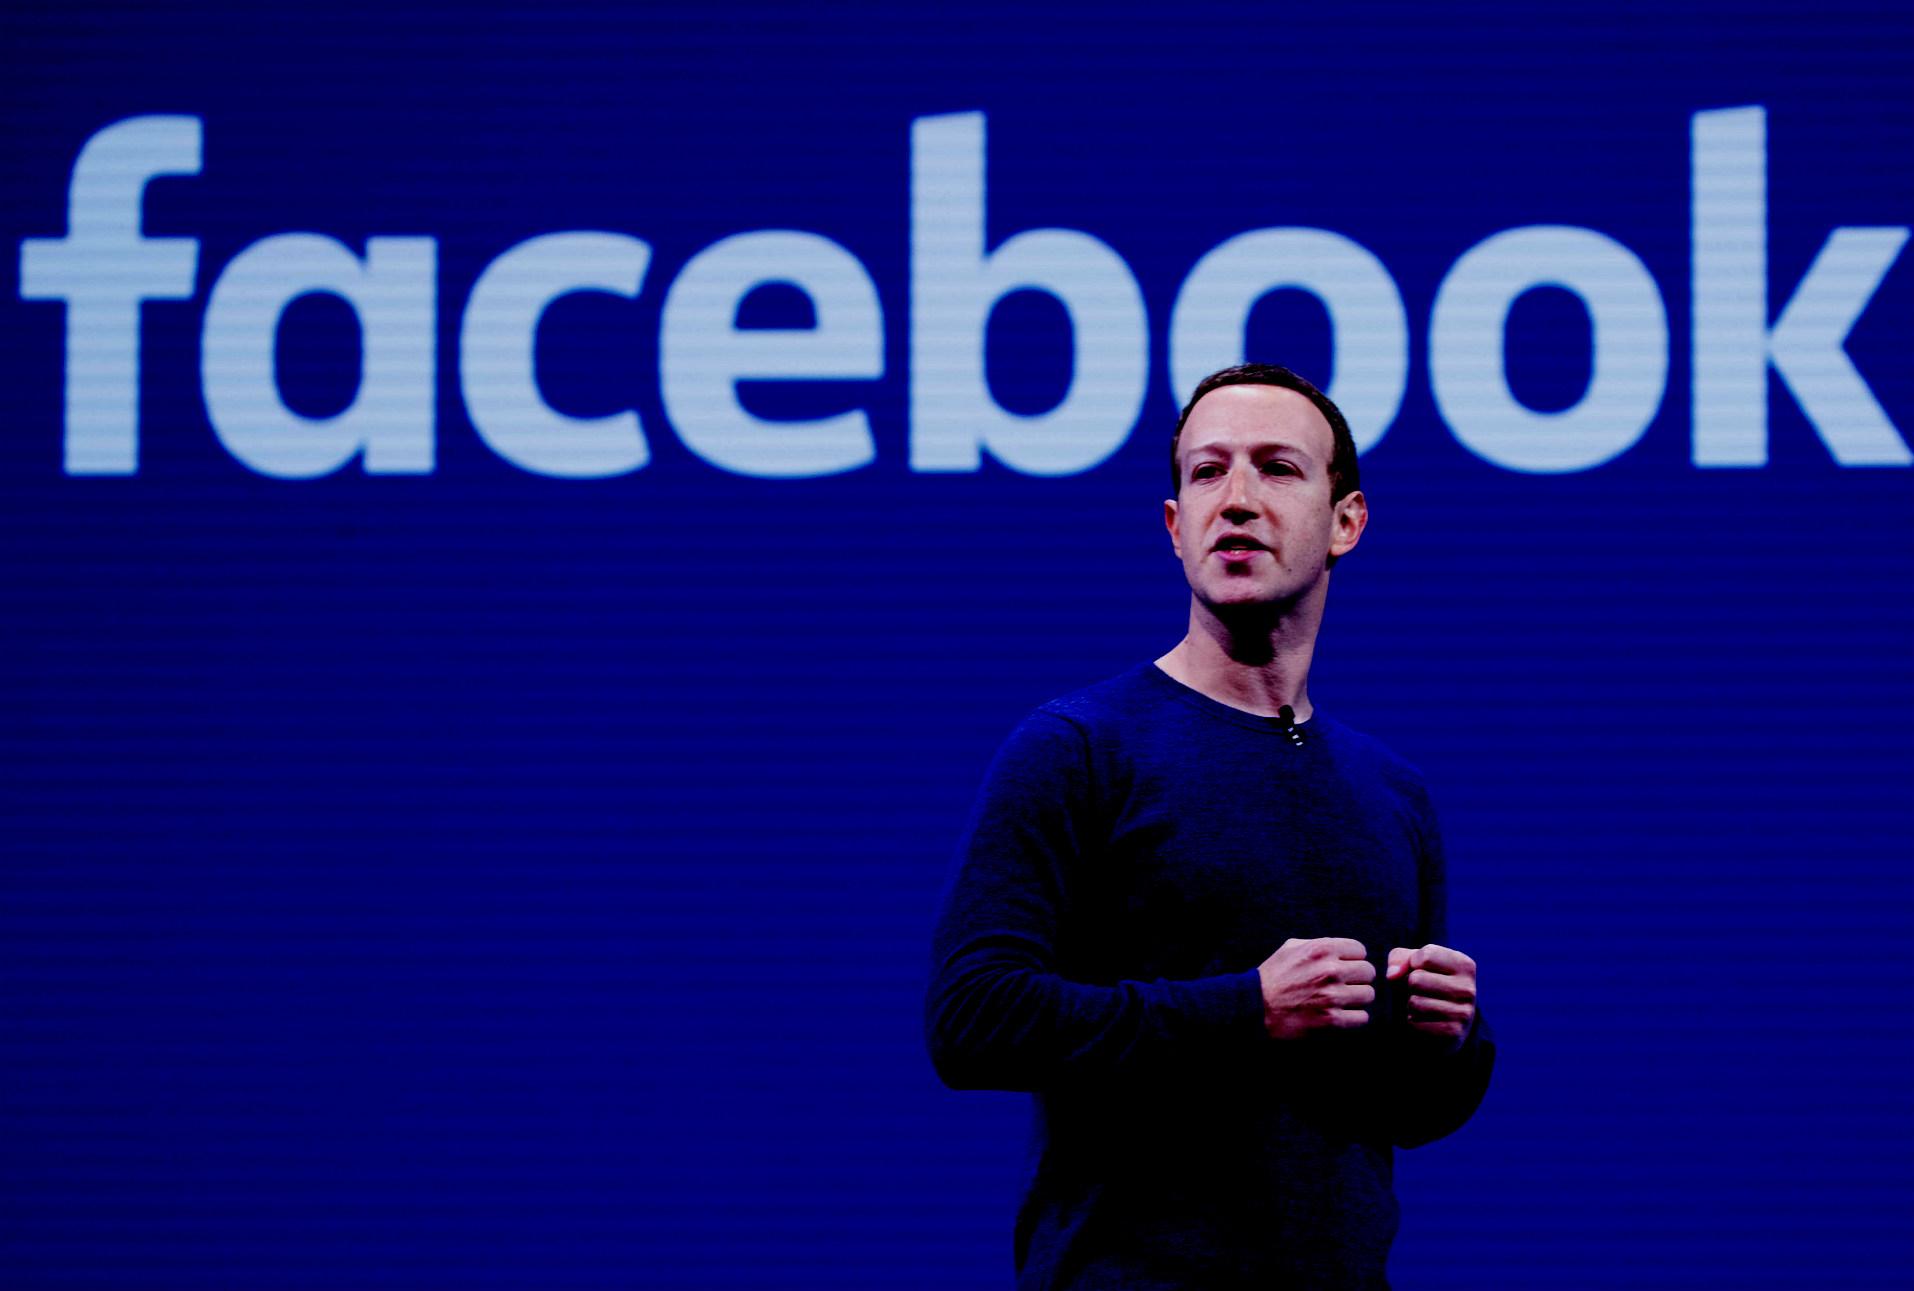 Gobierno de Reino Unido multa a Facebook por su papel en el escándalo de Cambridge Analytica